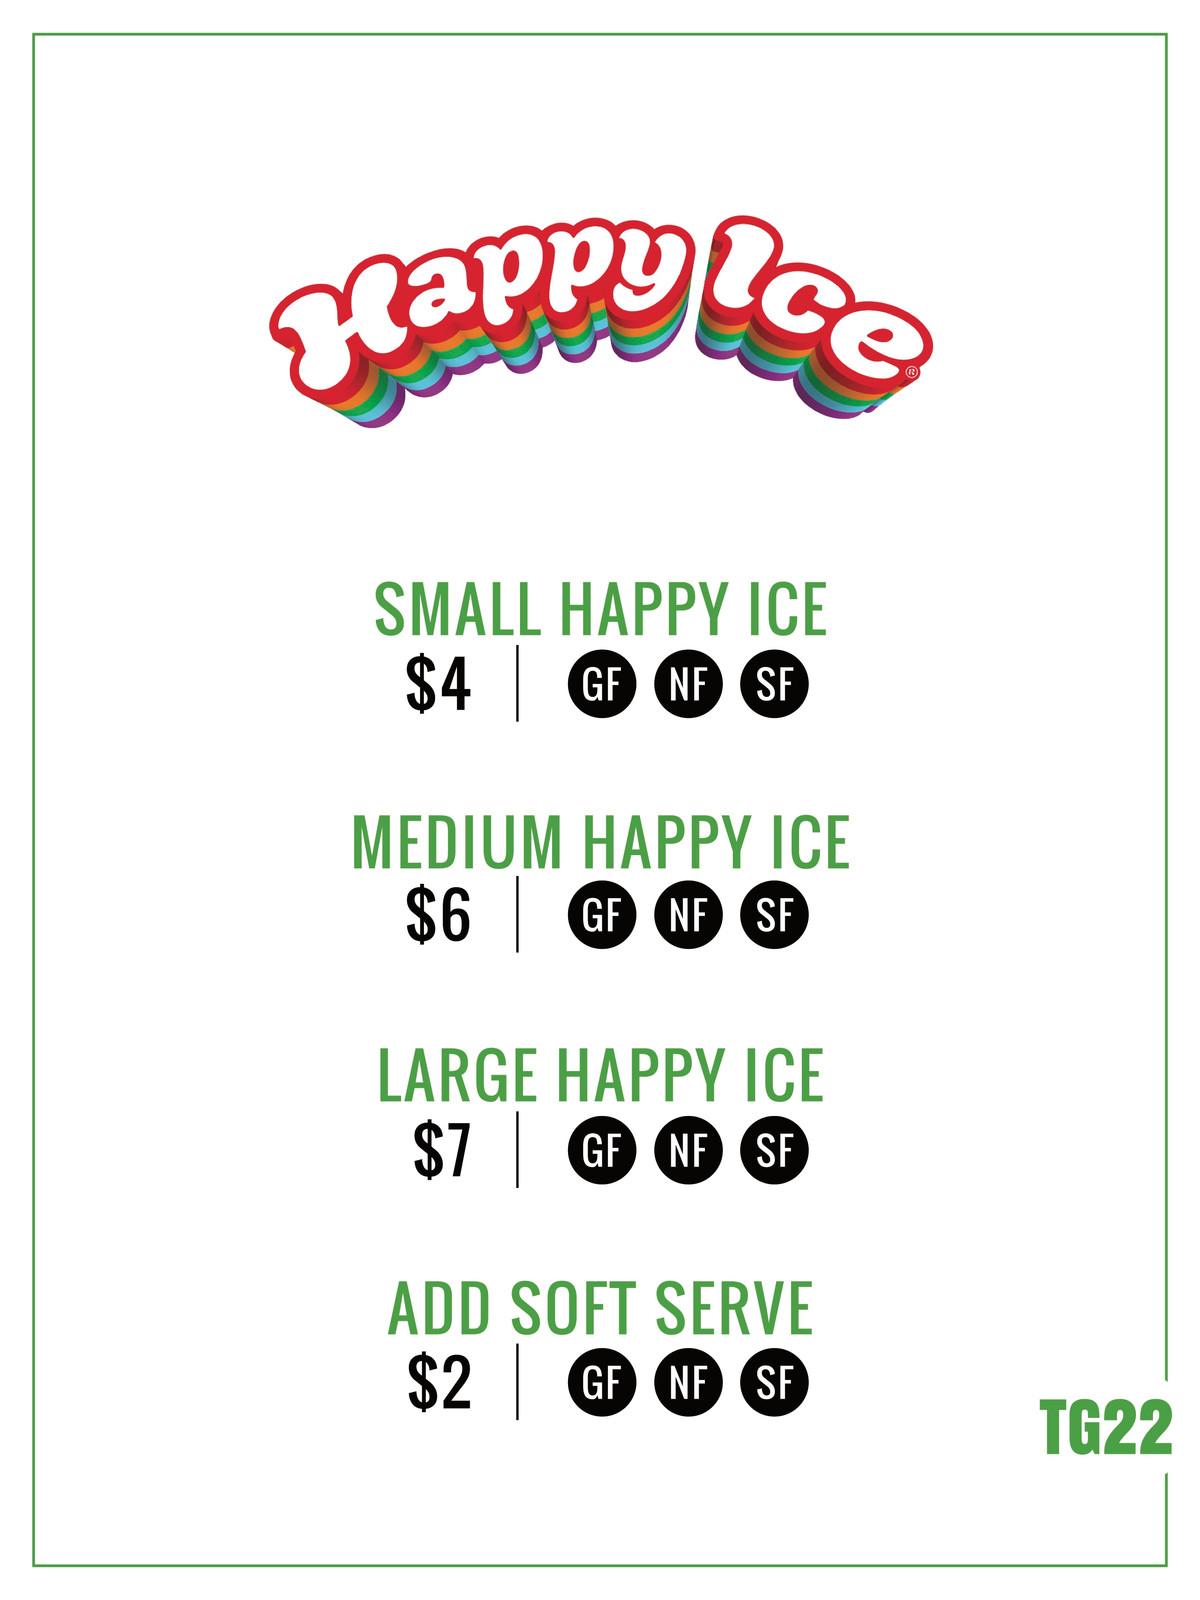 Happy Ice TG22 copy jpg